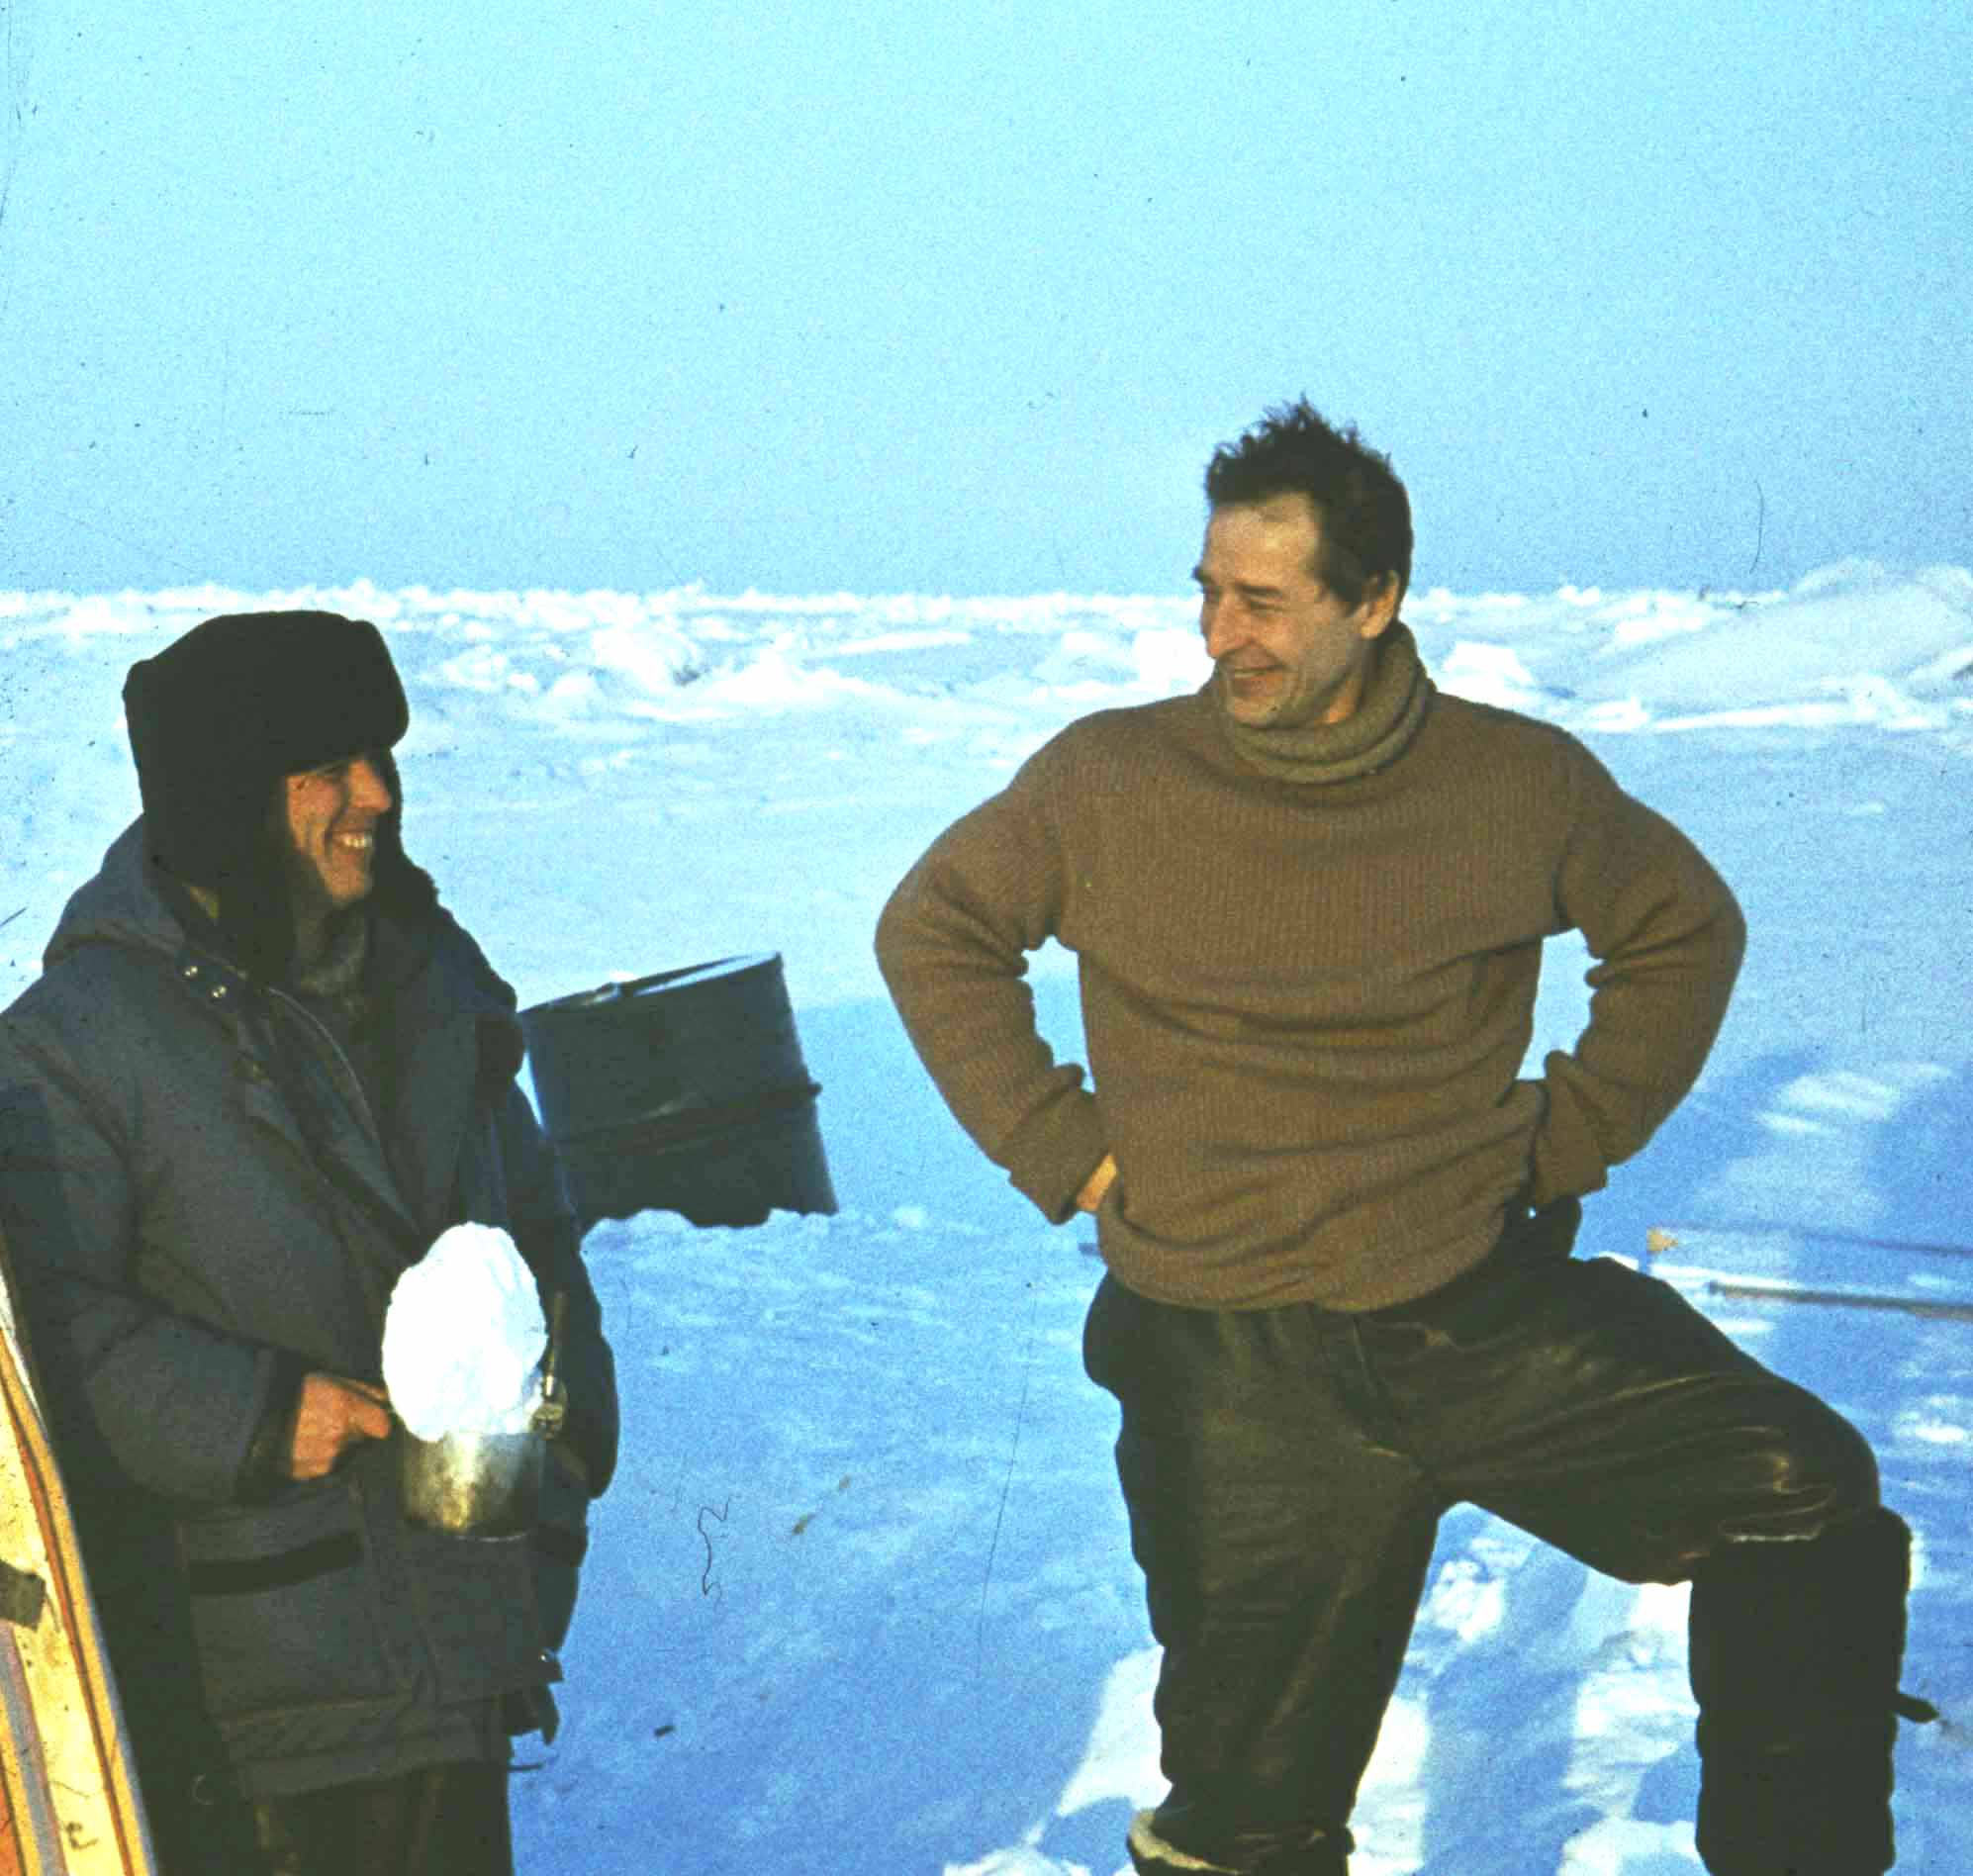 Виктор Бонч-Бруевич и Евгений Александров на Северном полюсе (СП-30), 1989 год